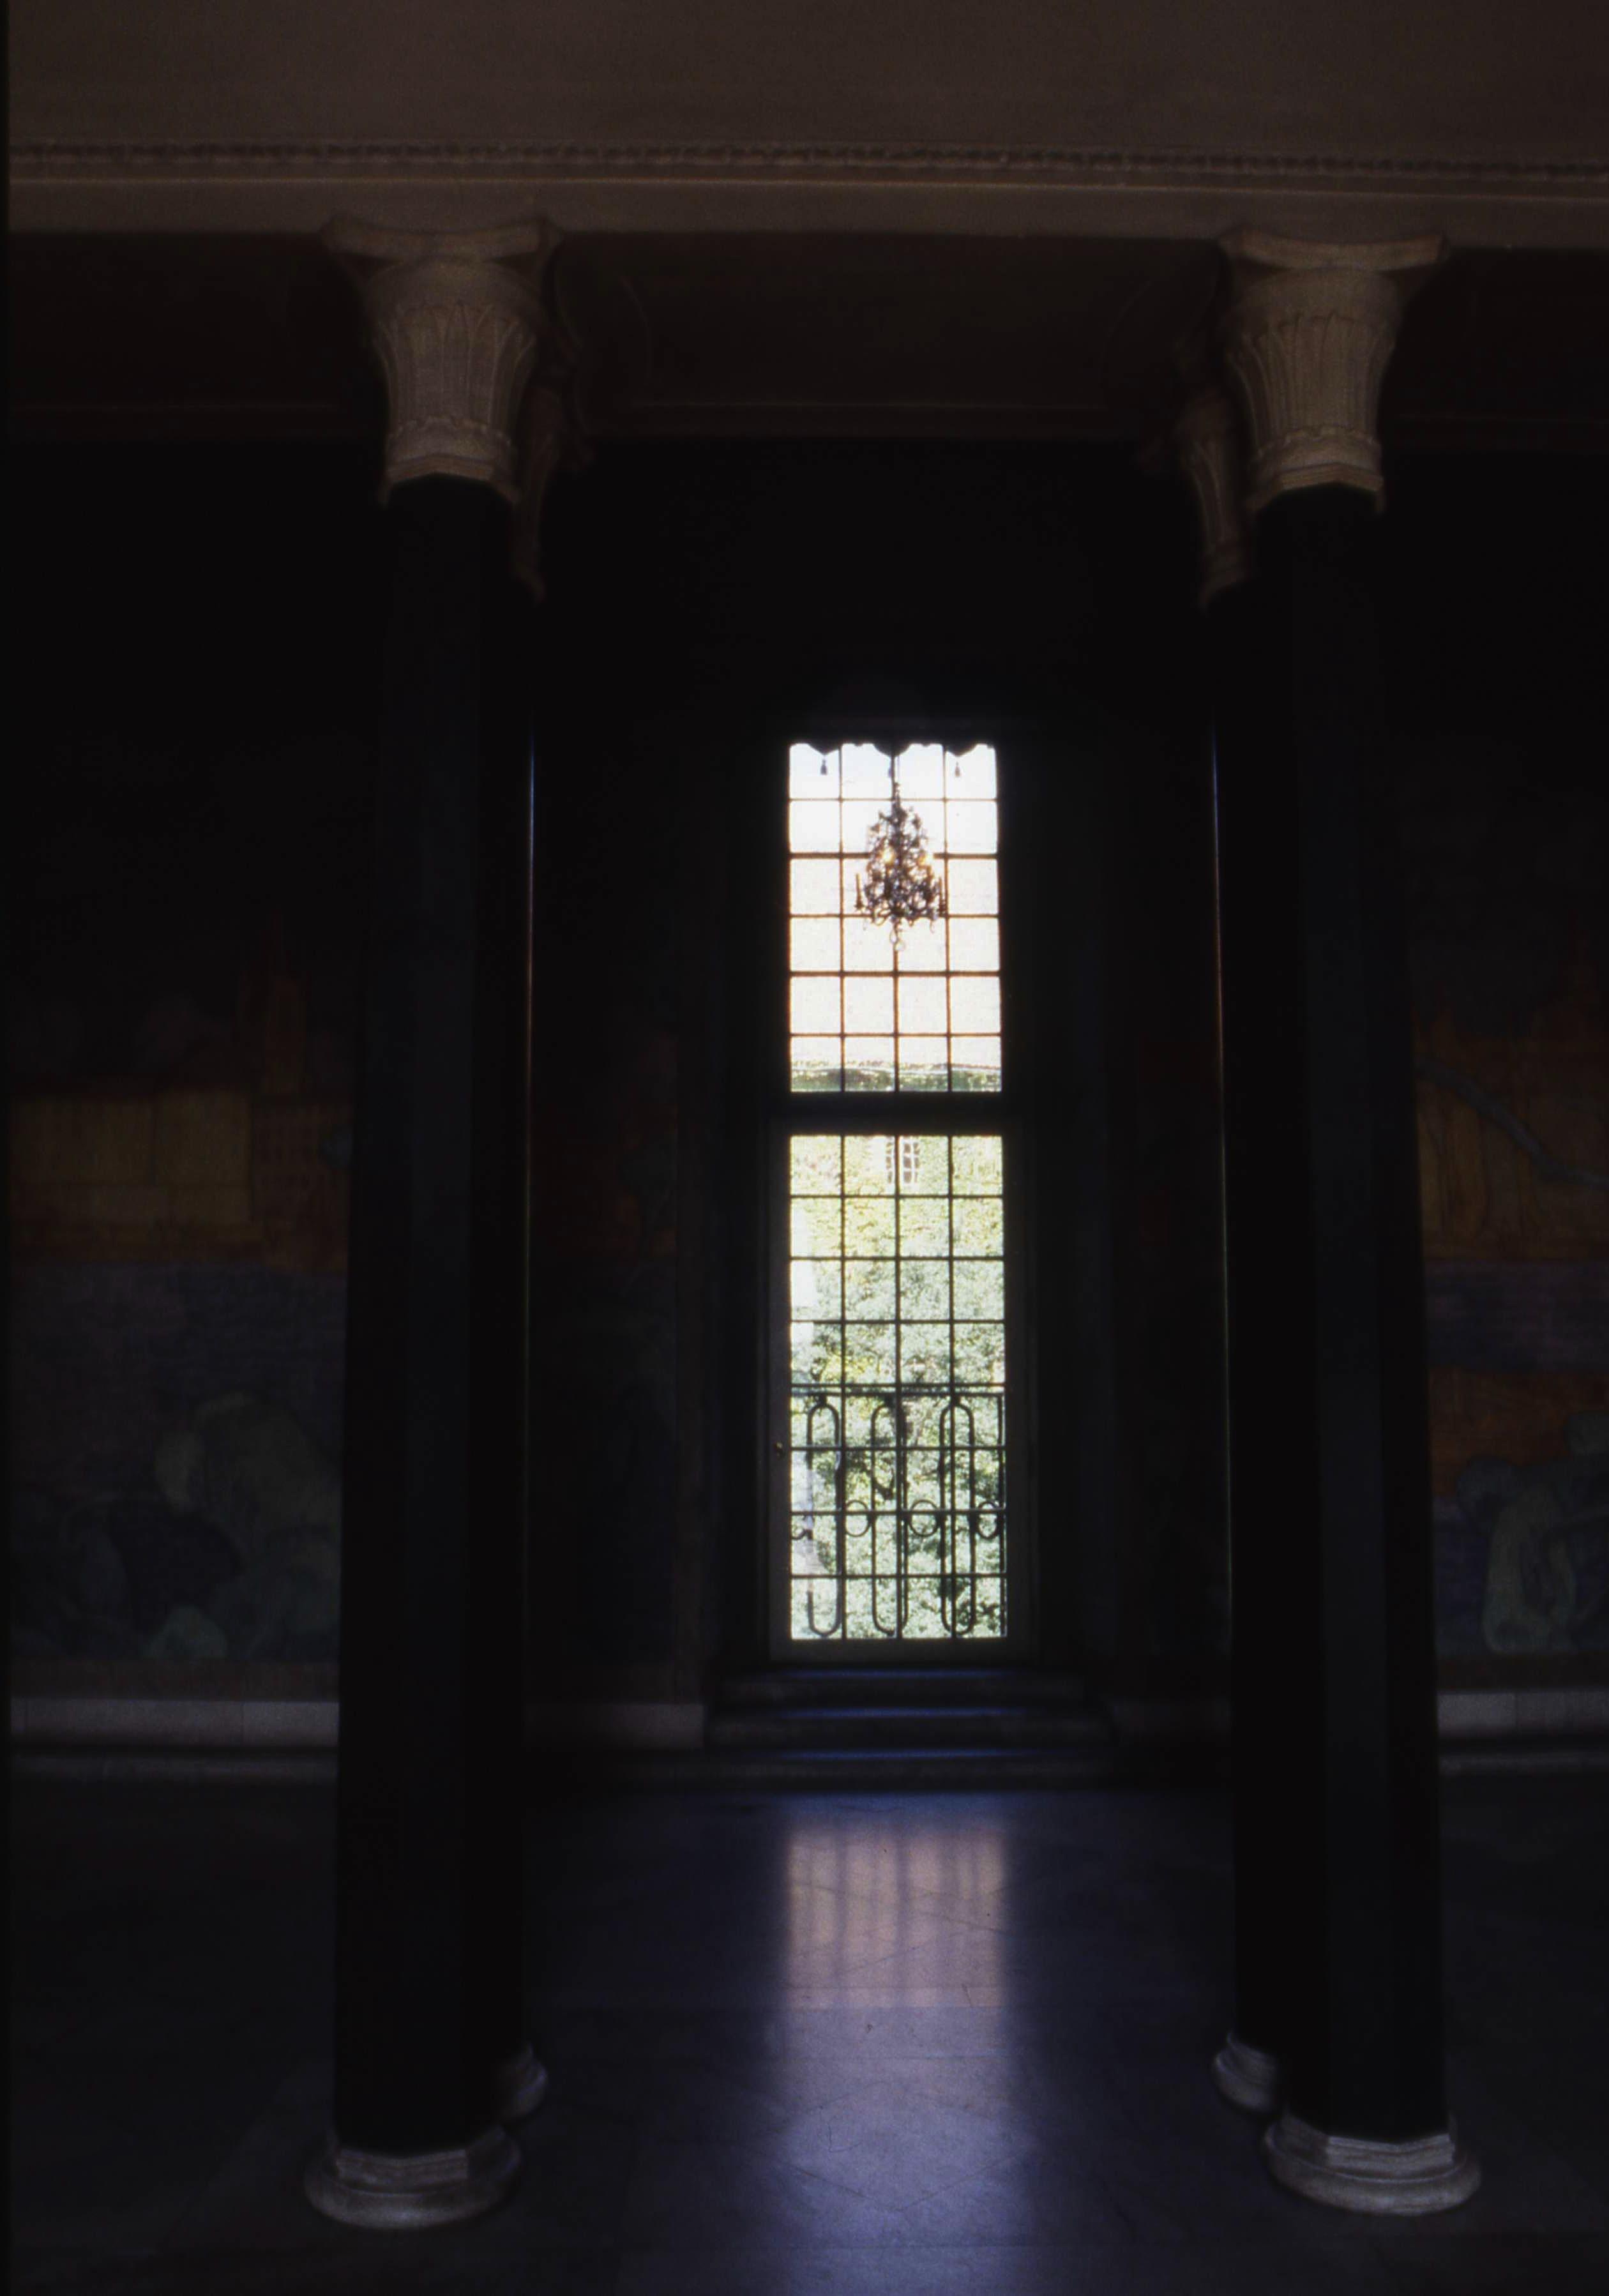 ノーベル賞晩餐会会場・・美しい建築です。_c0070136_16152003.jpg